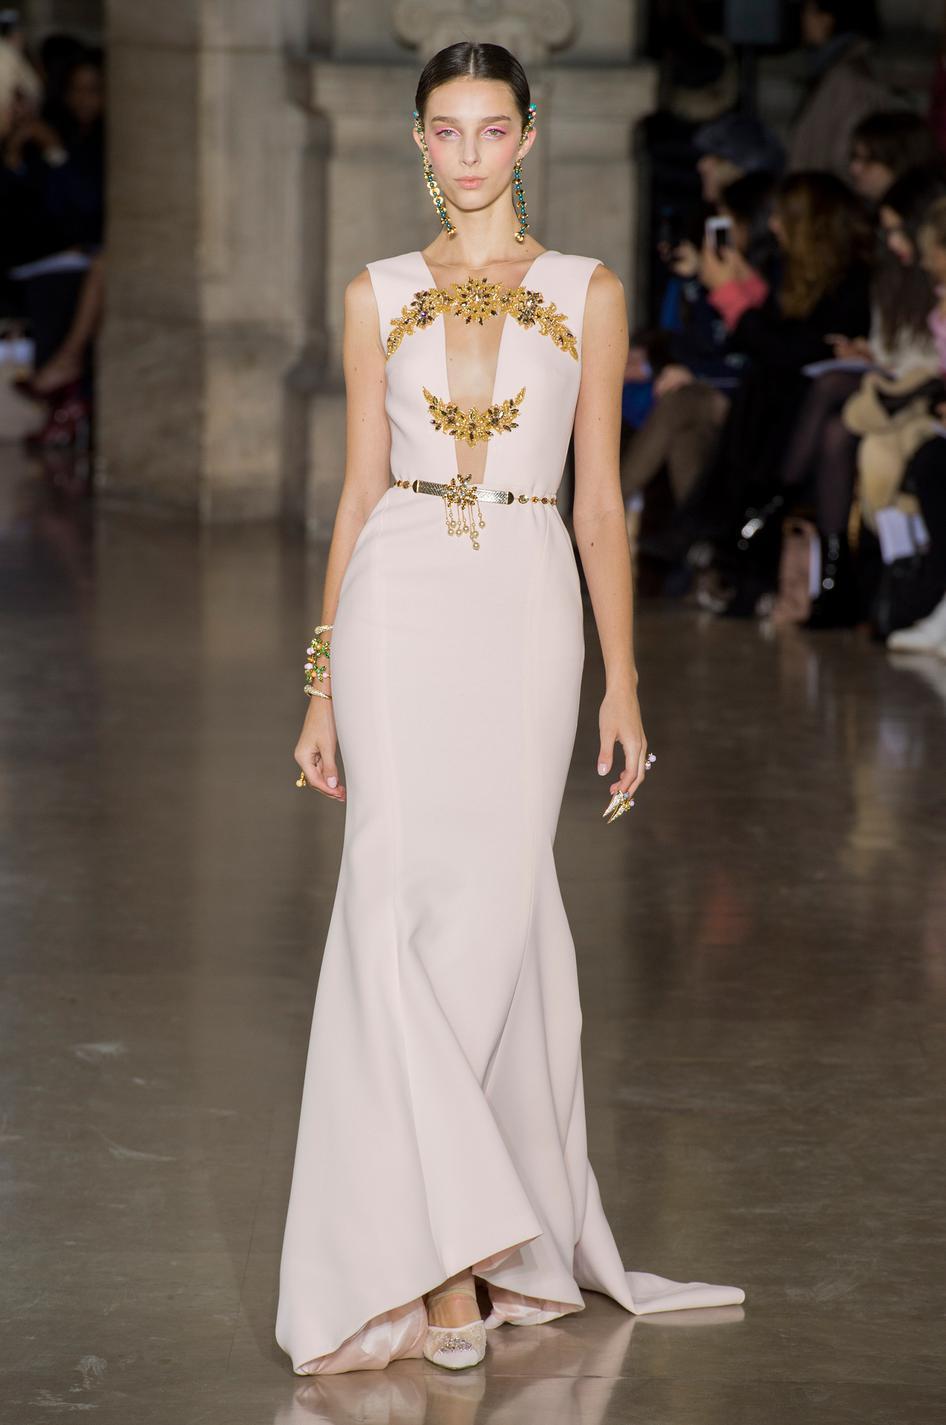 Bien connu Chanel, Dior, Elie Saab Les plus belles robes couture ZV28